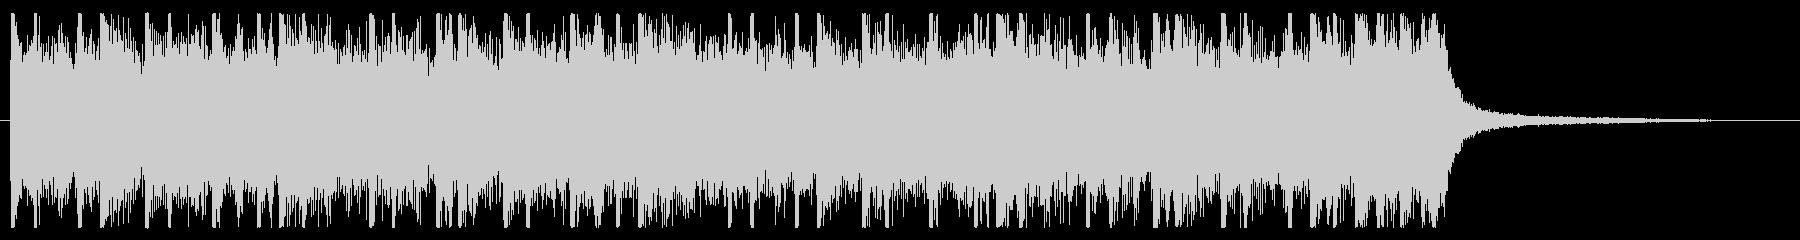 ロック調のパワフルなジングルの未再生の波形